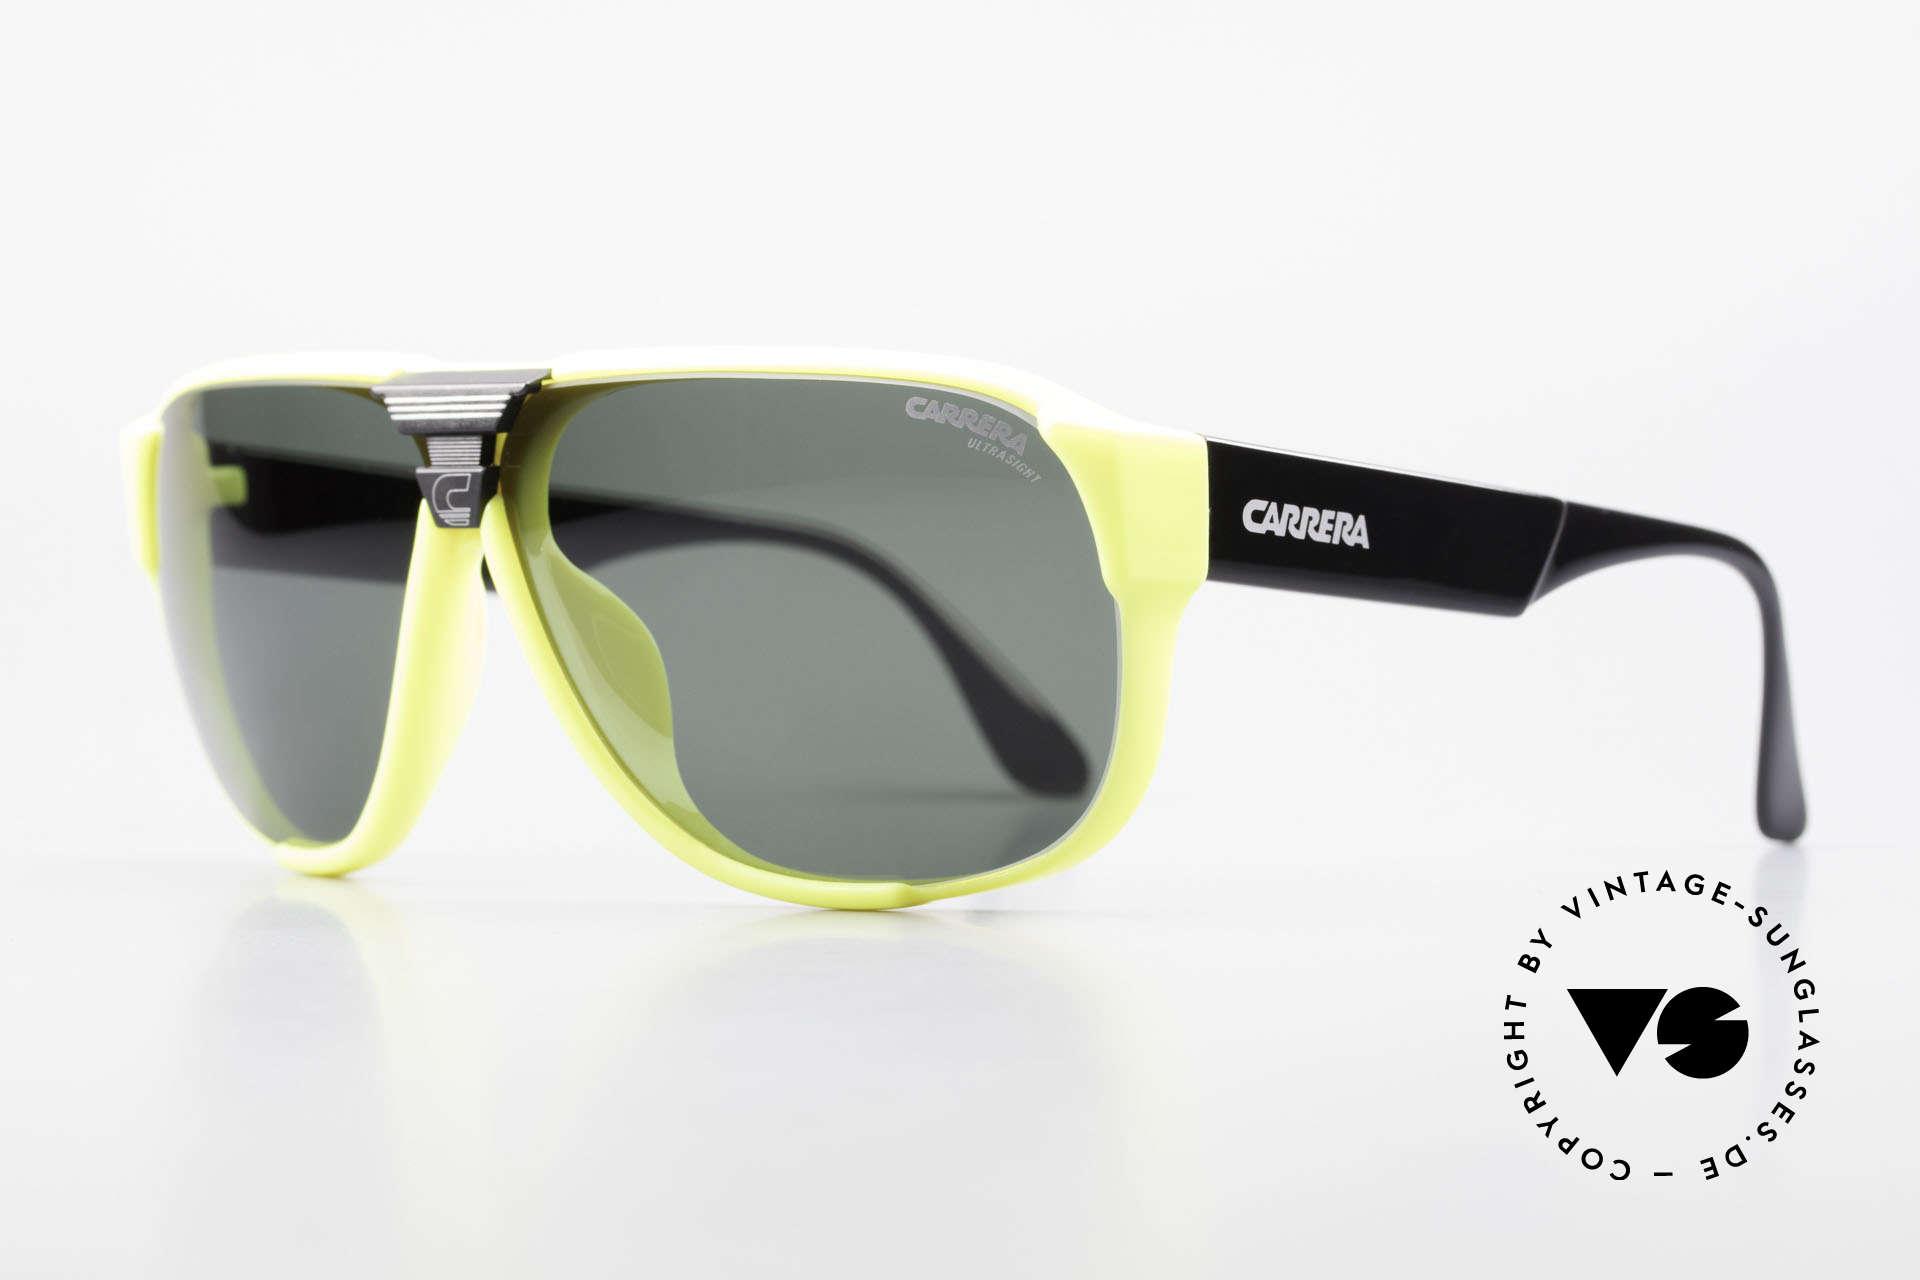 Carrera 5431 80er Sportsonnenbrille Alpin, mit Carrera Wechselgläsern & original Carrera Etui, Passend für Herren